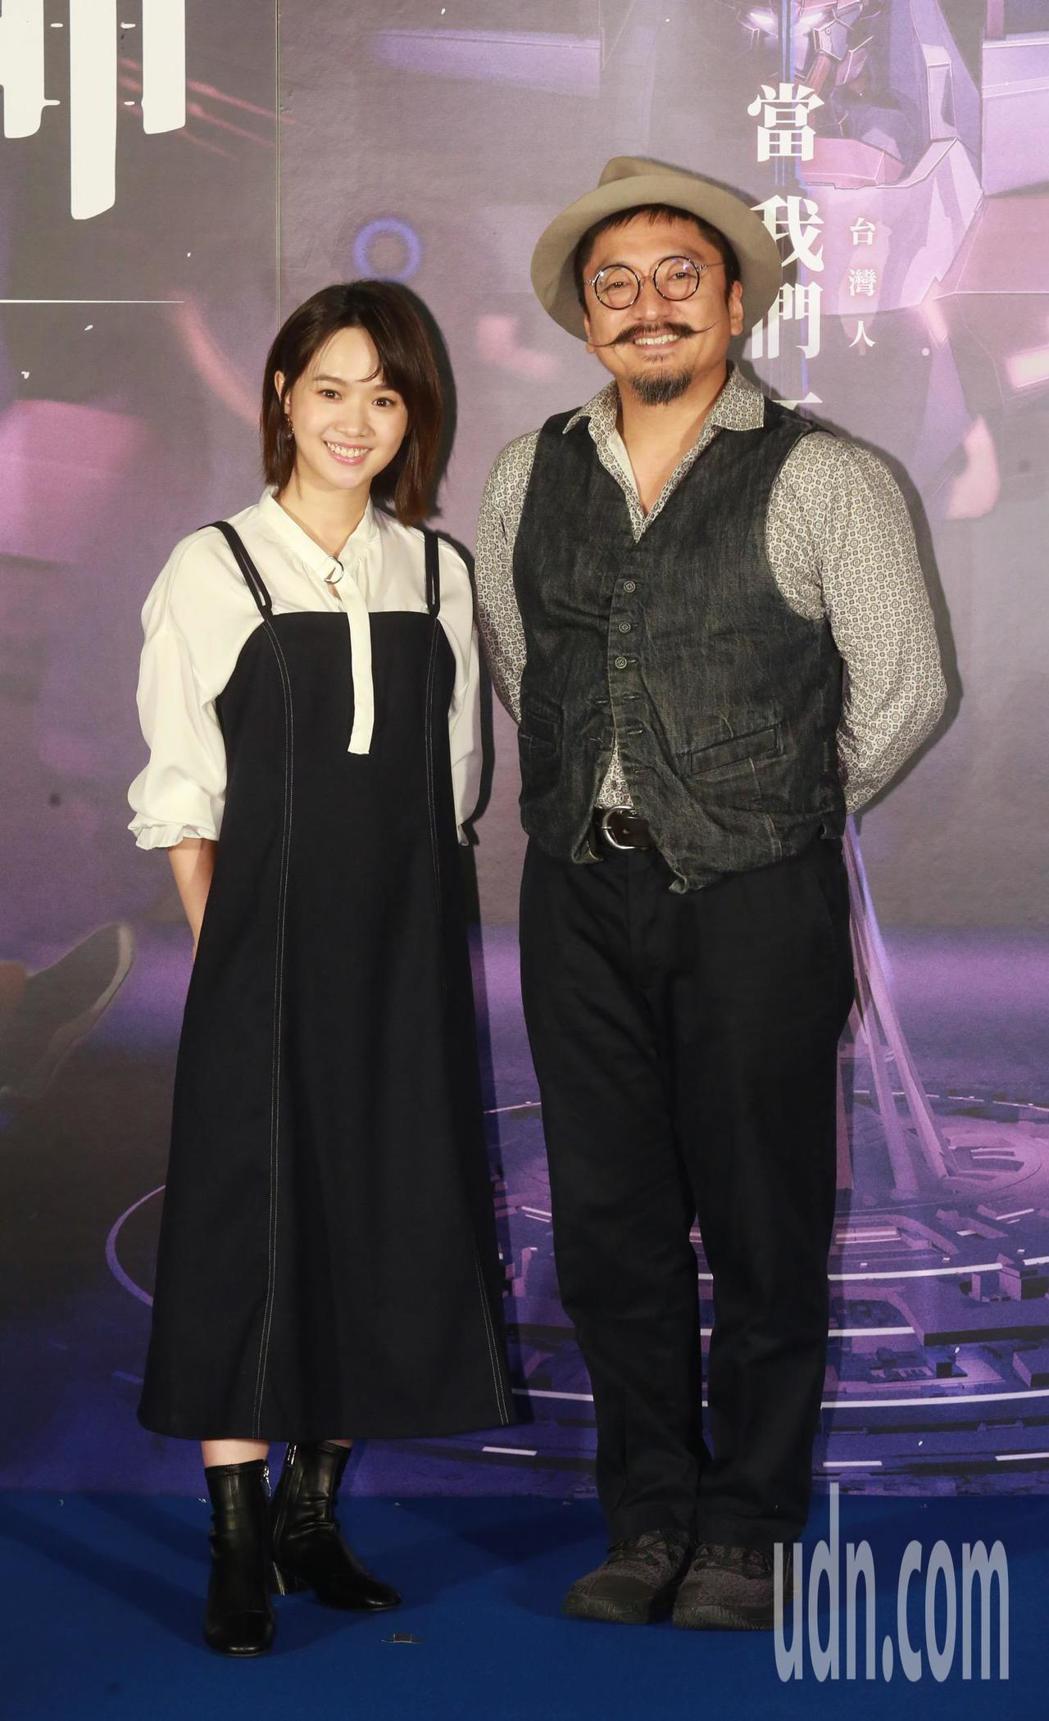 首次為動畫電影配音的演員嚴正嵐(左)與導演北村豐晴(右)。記者黃義書/攝影